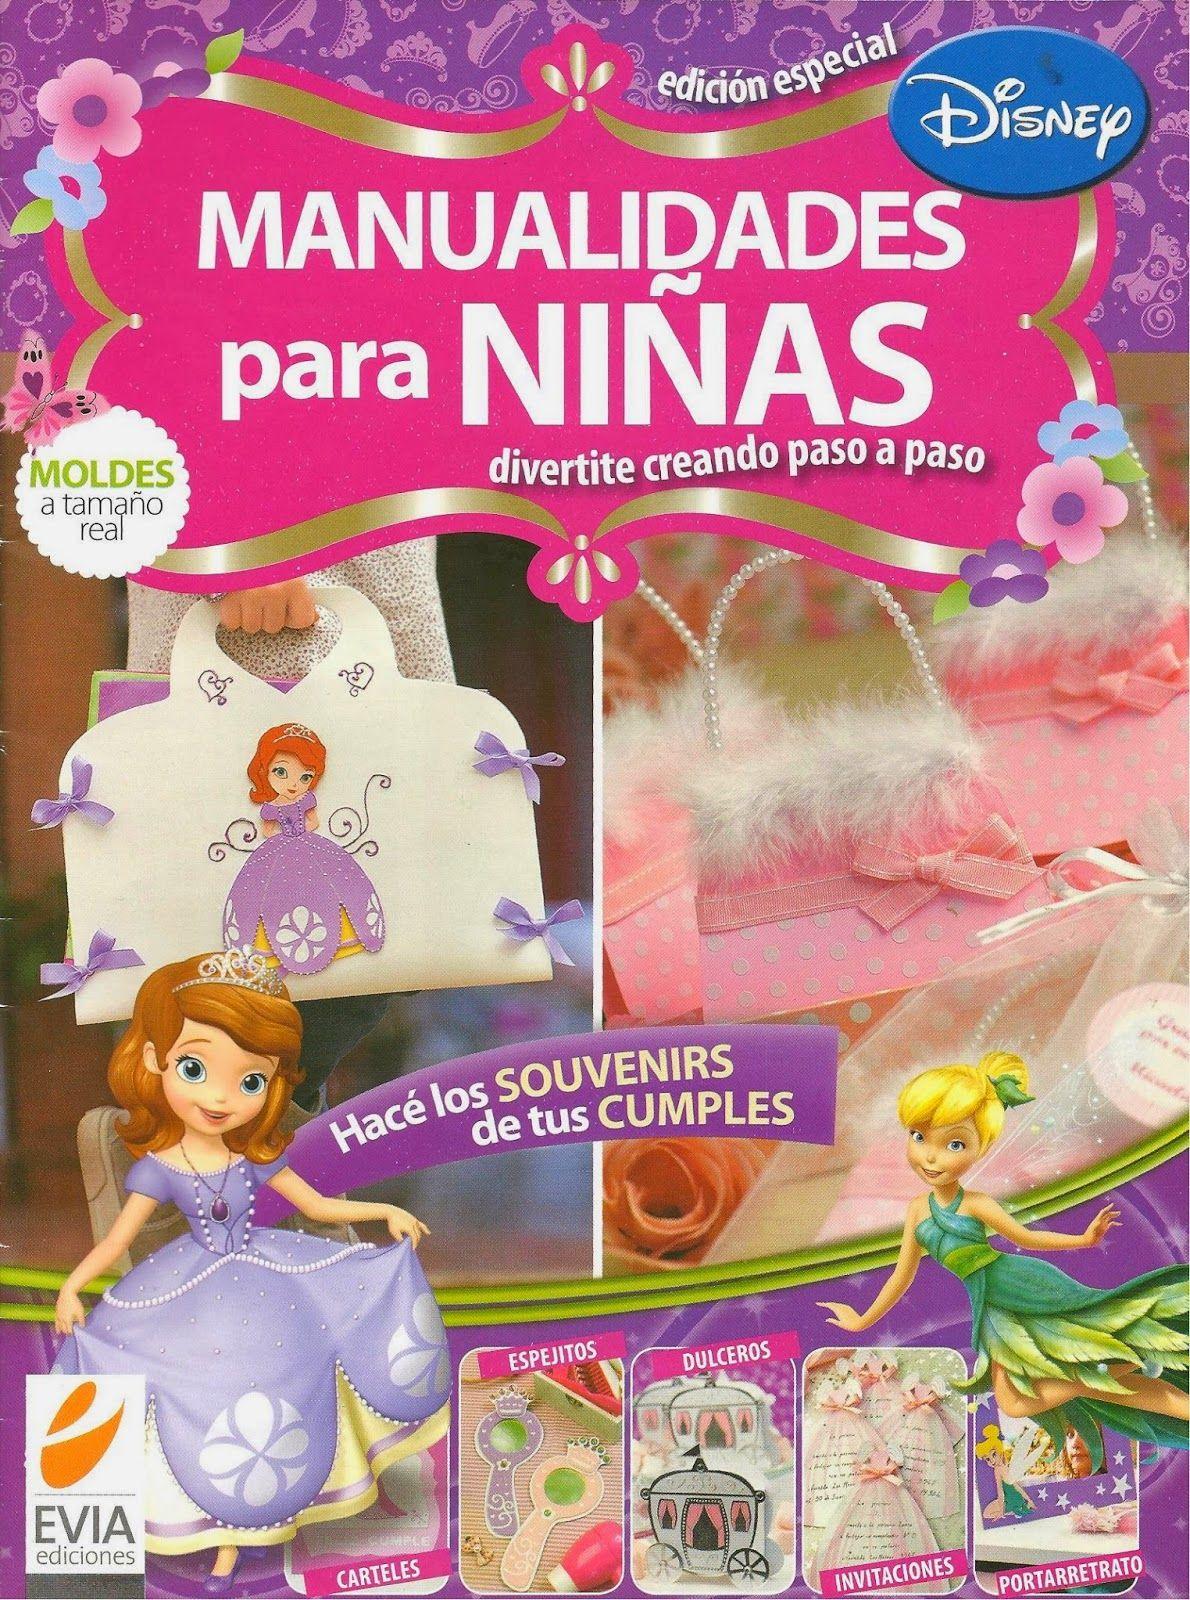 c4d75f503d7 Revistas de manualidades Gratis  Revista Manualidades para niñas ...